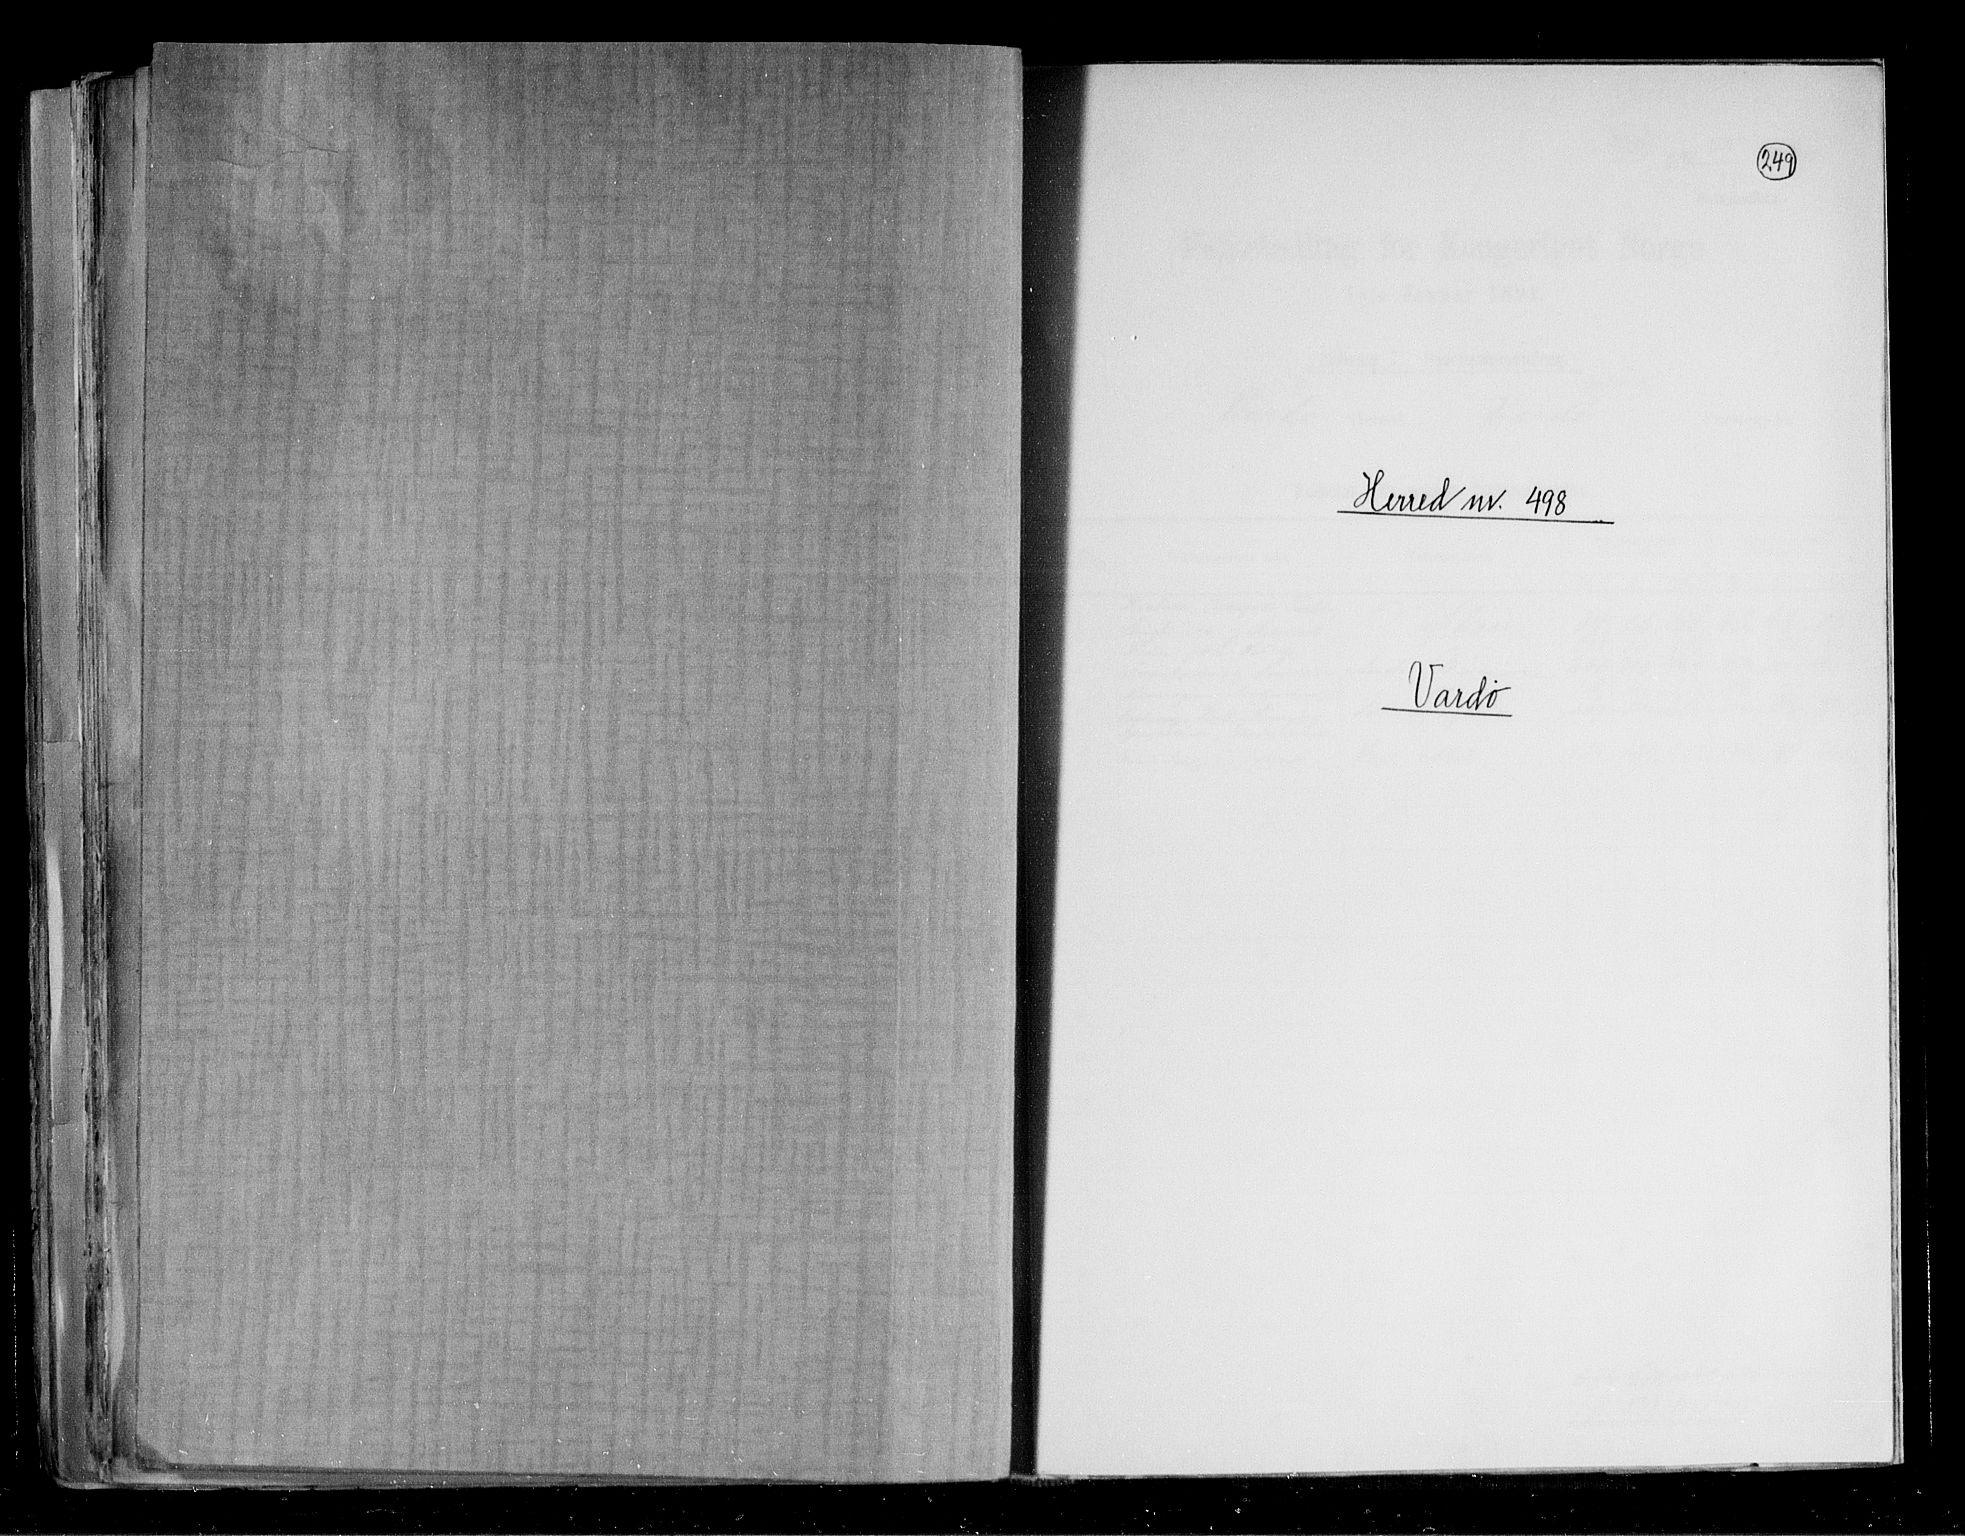 RA, Folketelling 1891 for 2028 Vardø herred, 1891, s. 1